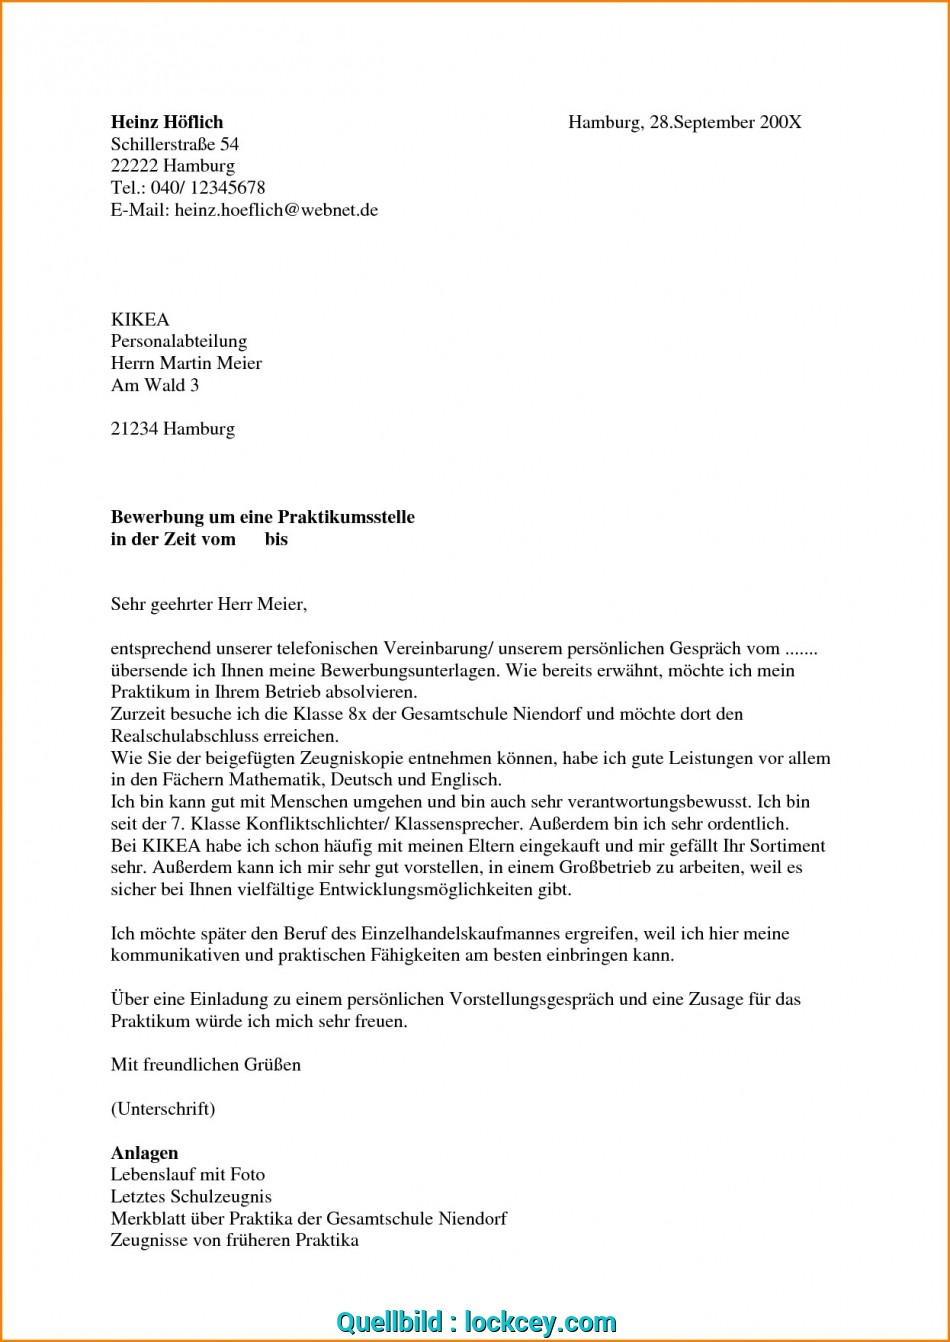 Hofliche Absage Formulieren Spendenanfrage Absage Furs Sponsoring 2019 12 13